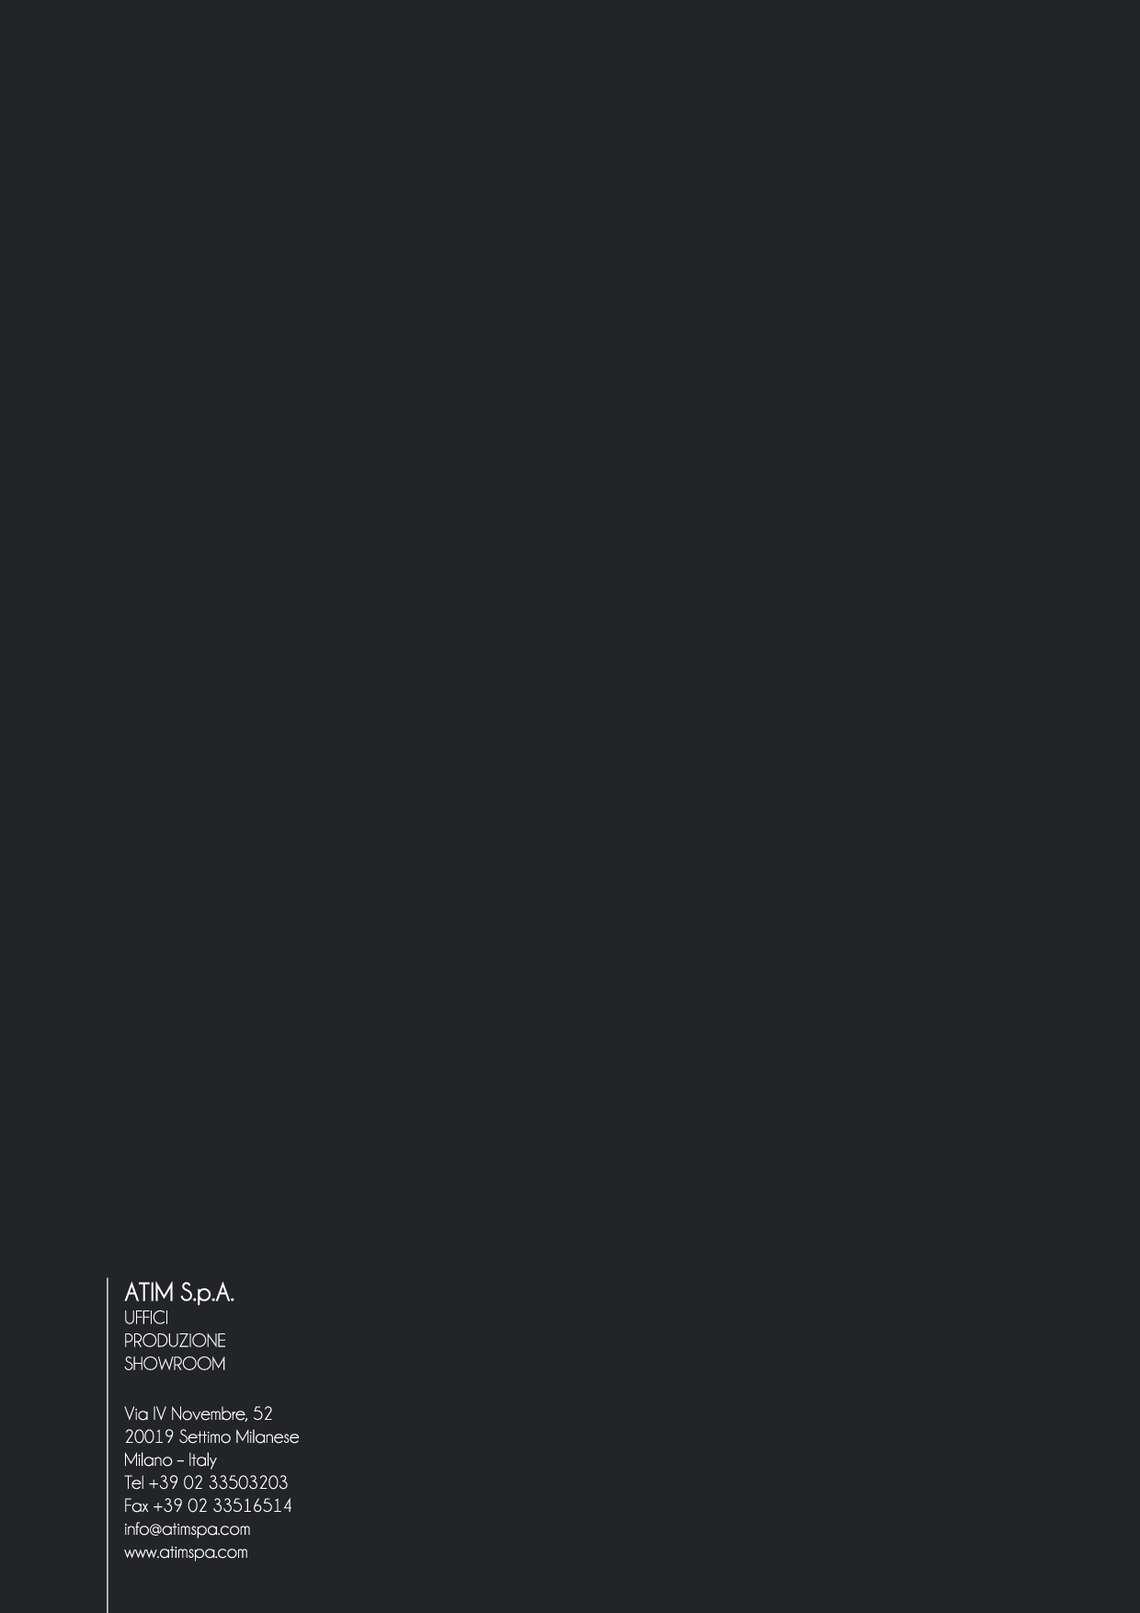 catalogo-trasformabili-atim_22_095.jpg